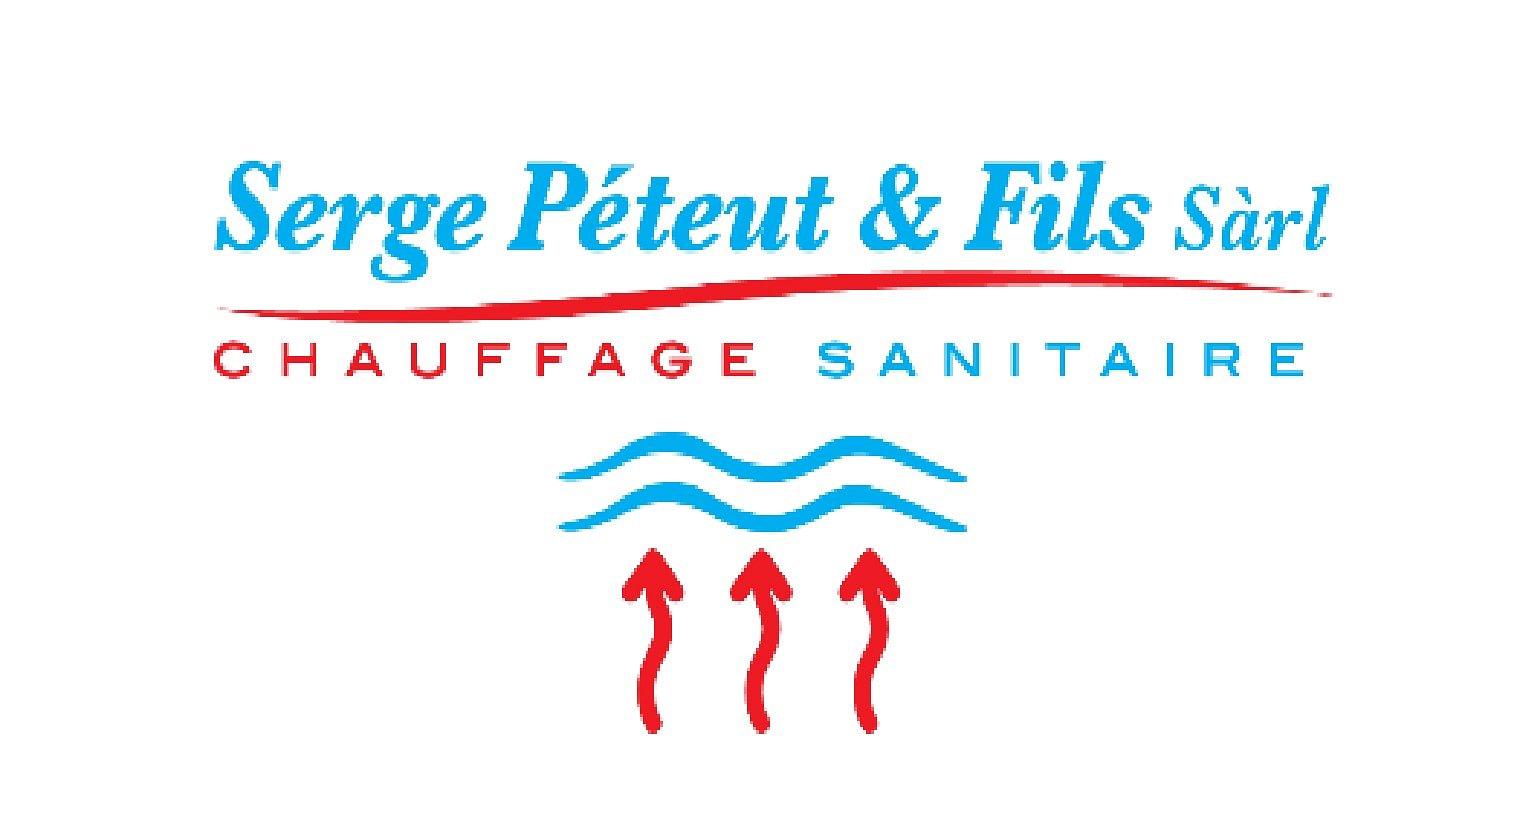 Péteut Serge et Fils Sàrl